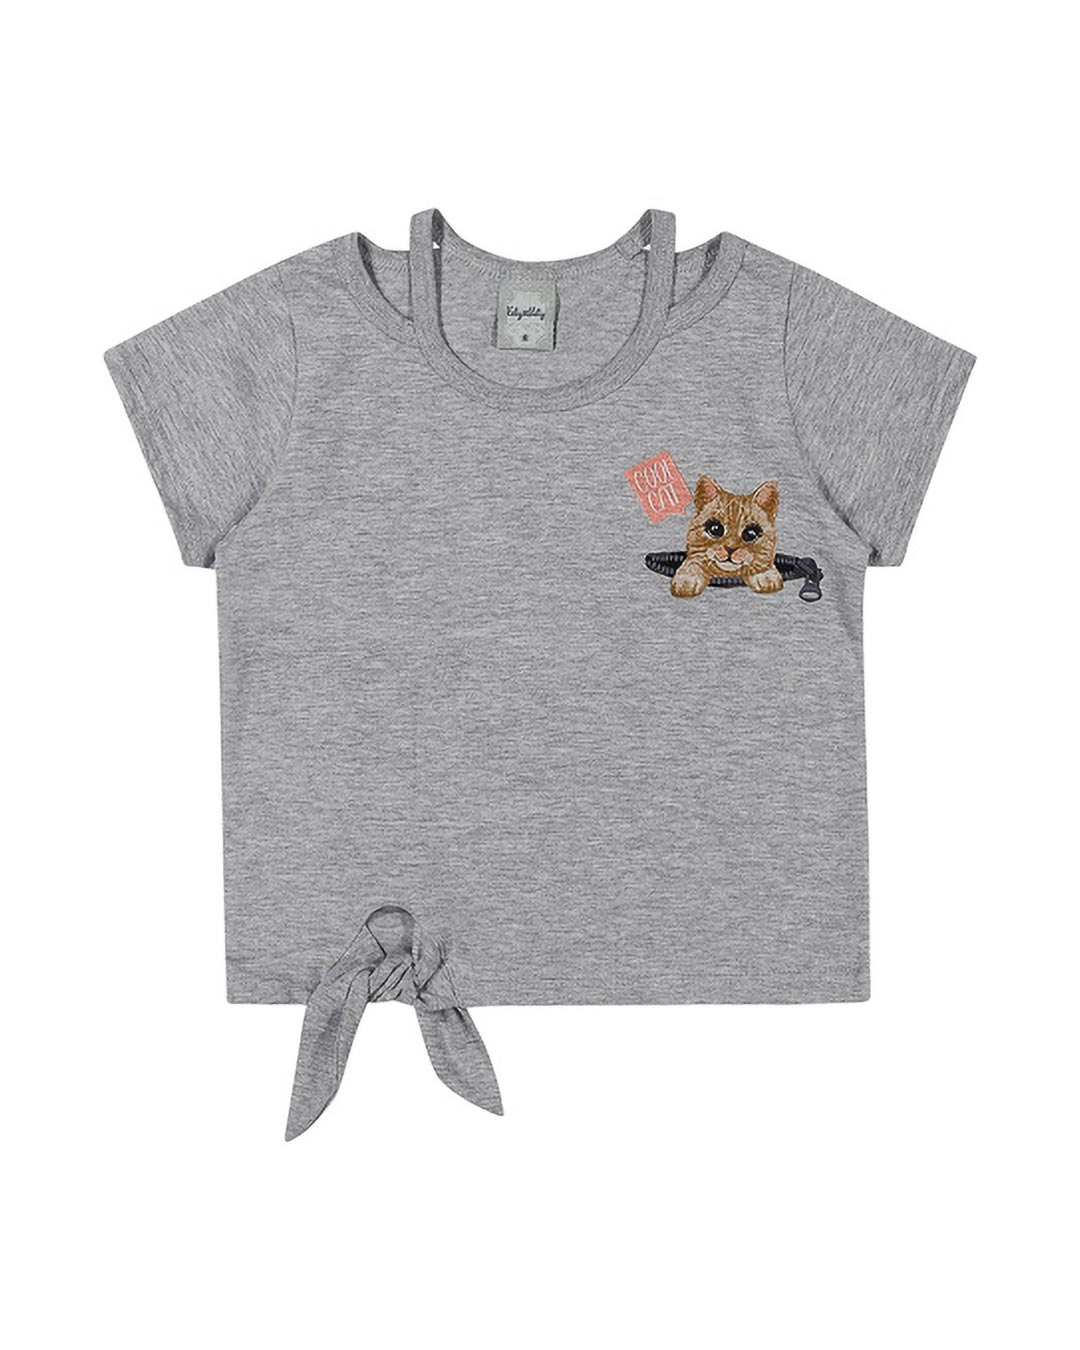 Blusa Infantil Cool Cat - Kely & Kety